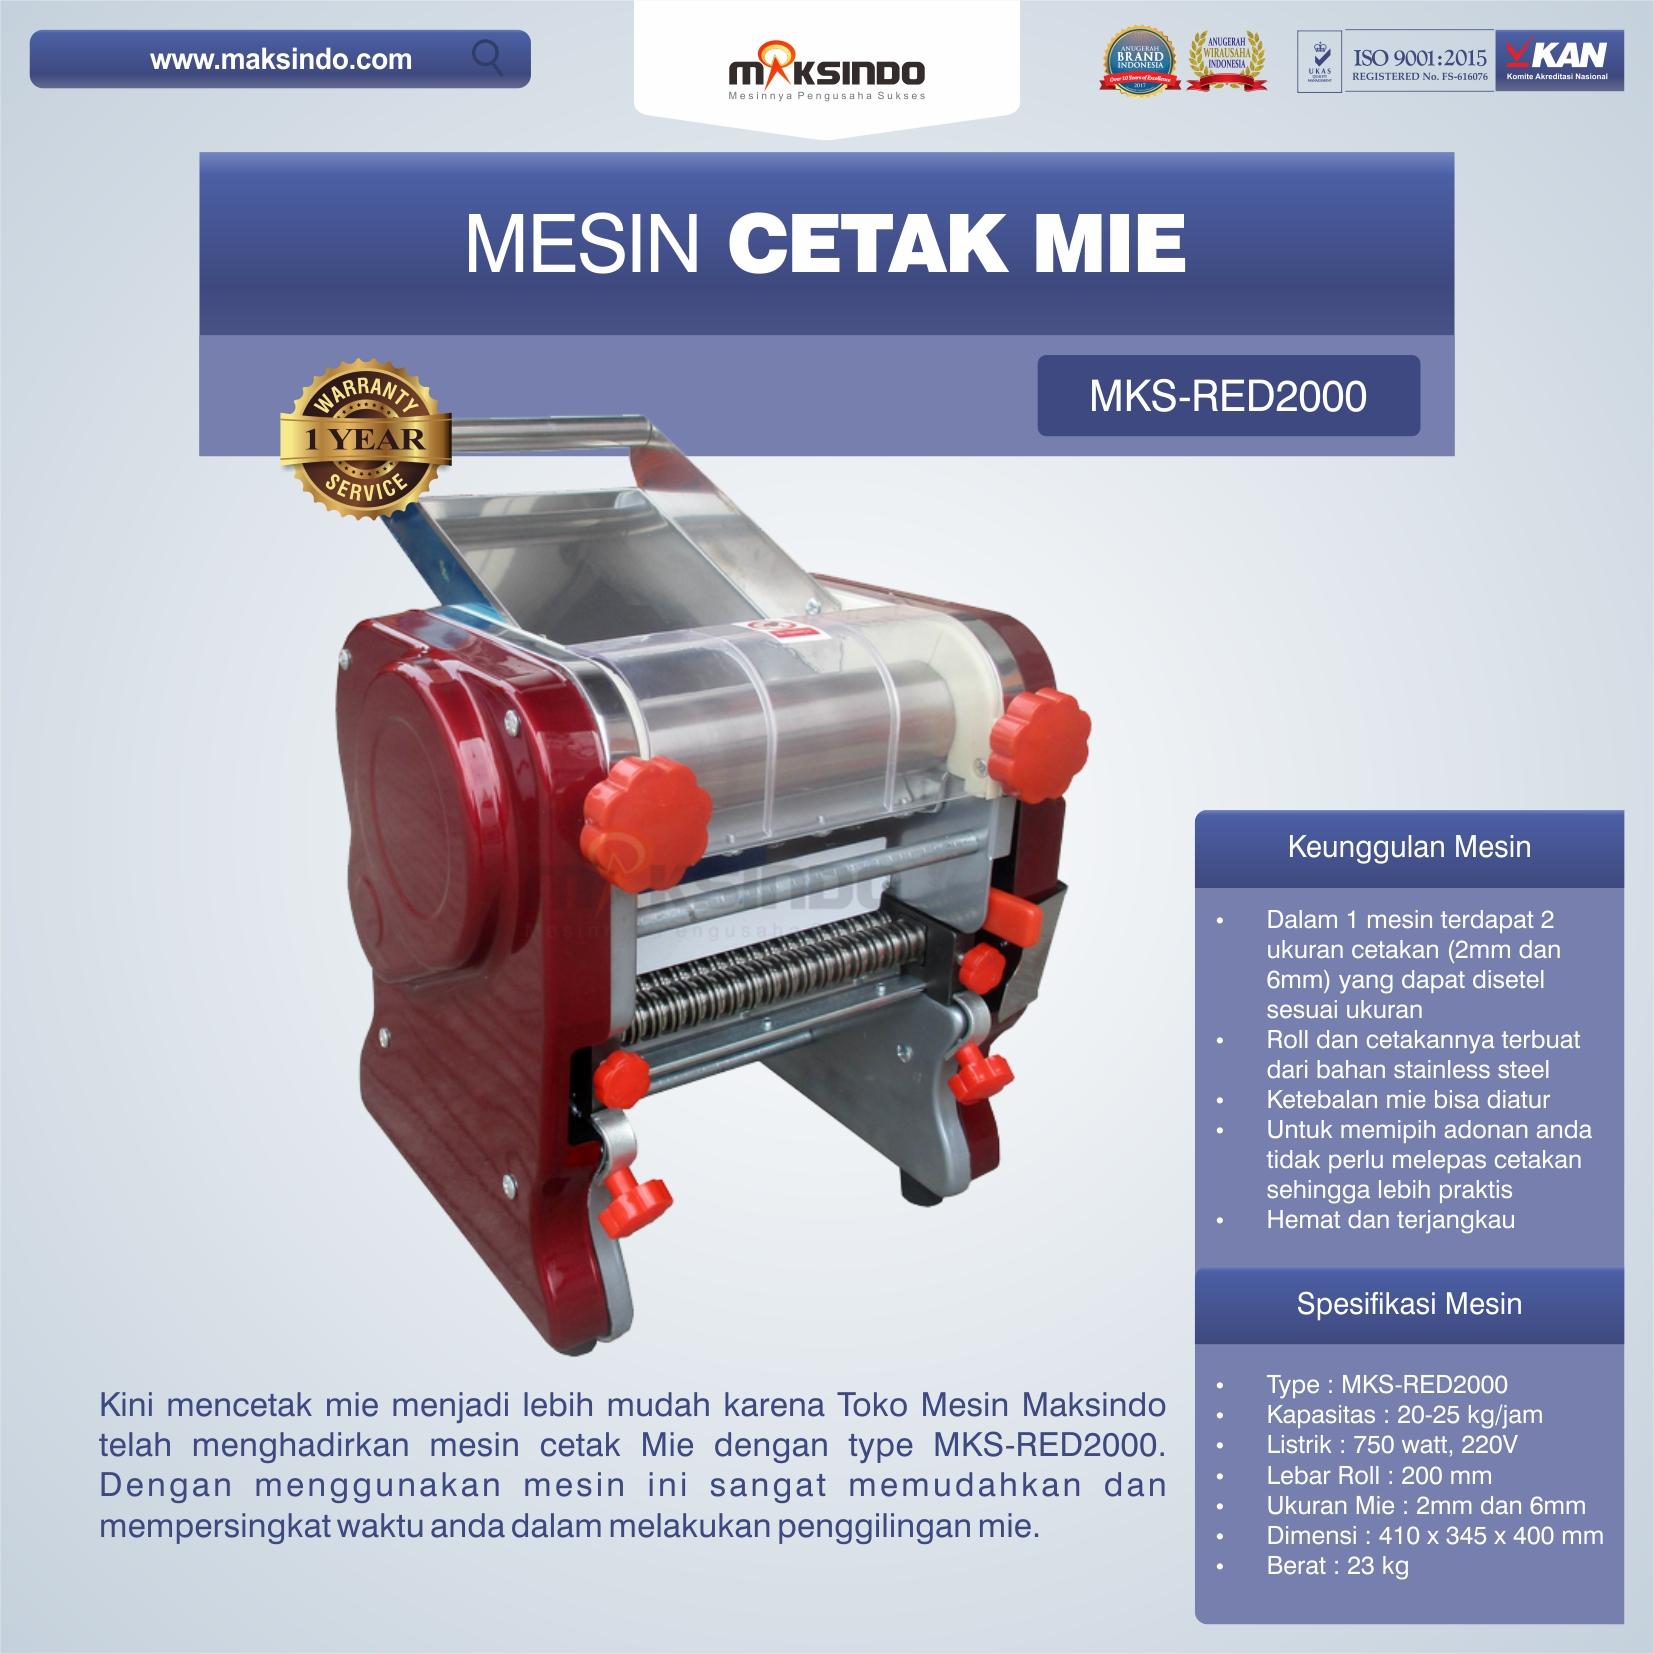 Mesin Cetak Mie MKS-RED2000